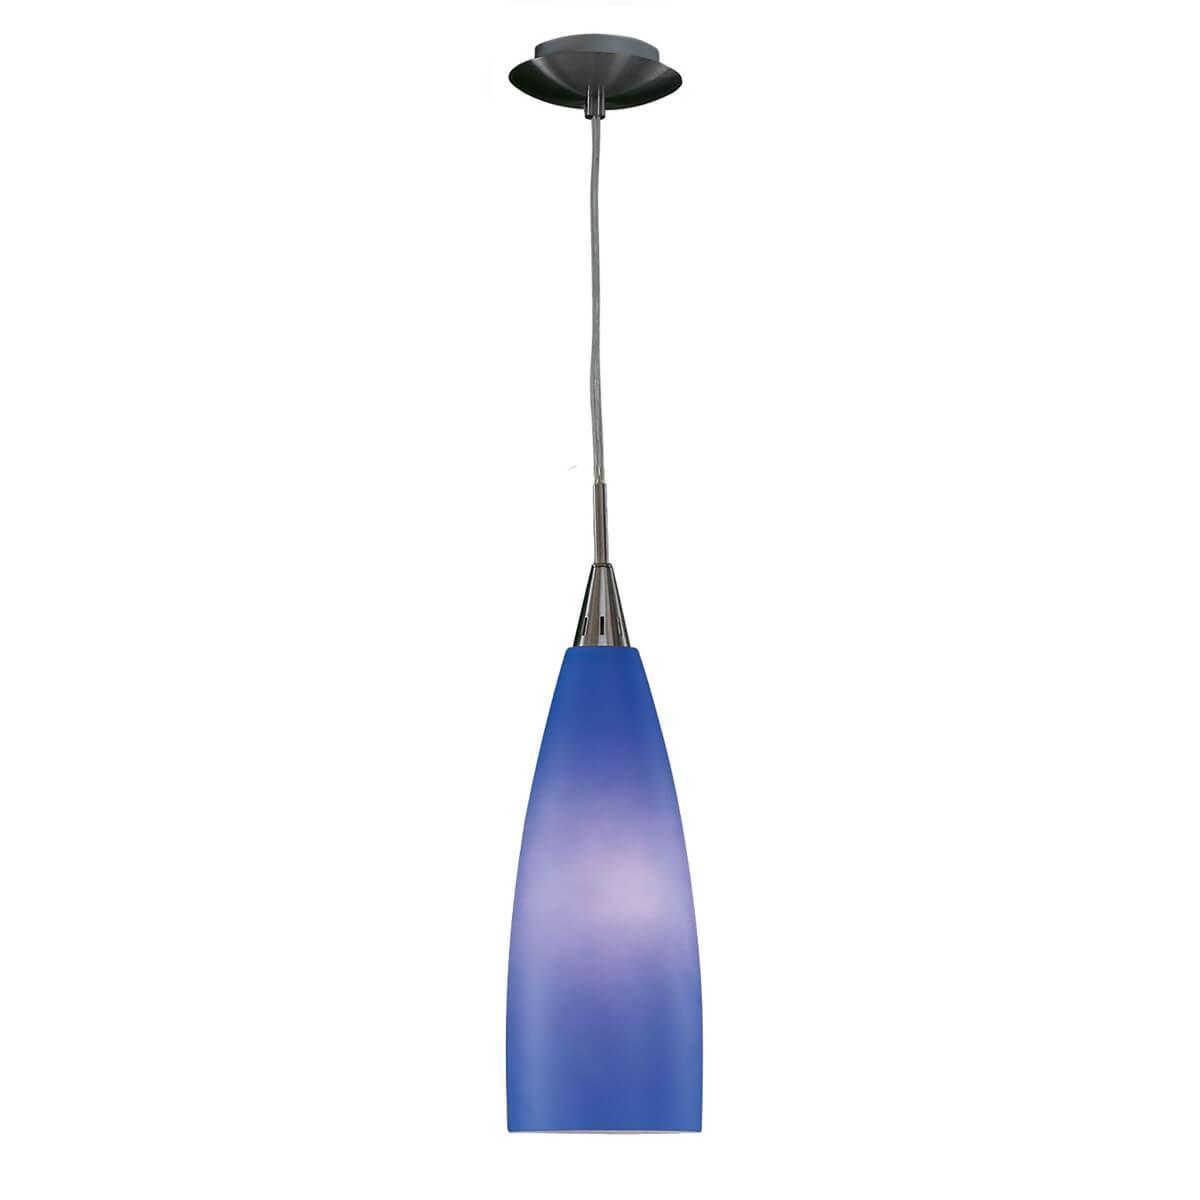 Подвесной светильник CITILUX CL942012, E27, 100 Вт подвесной светильник citilux бокал cl942011